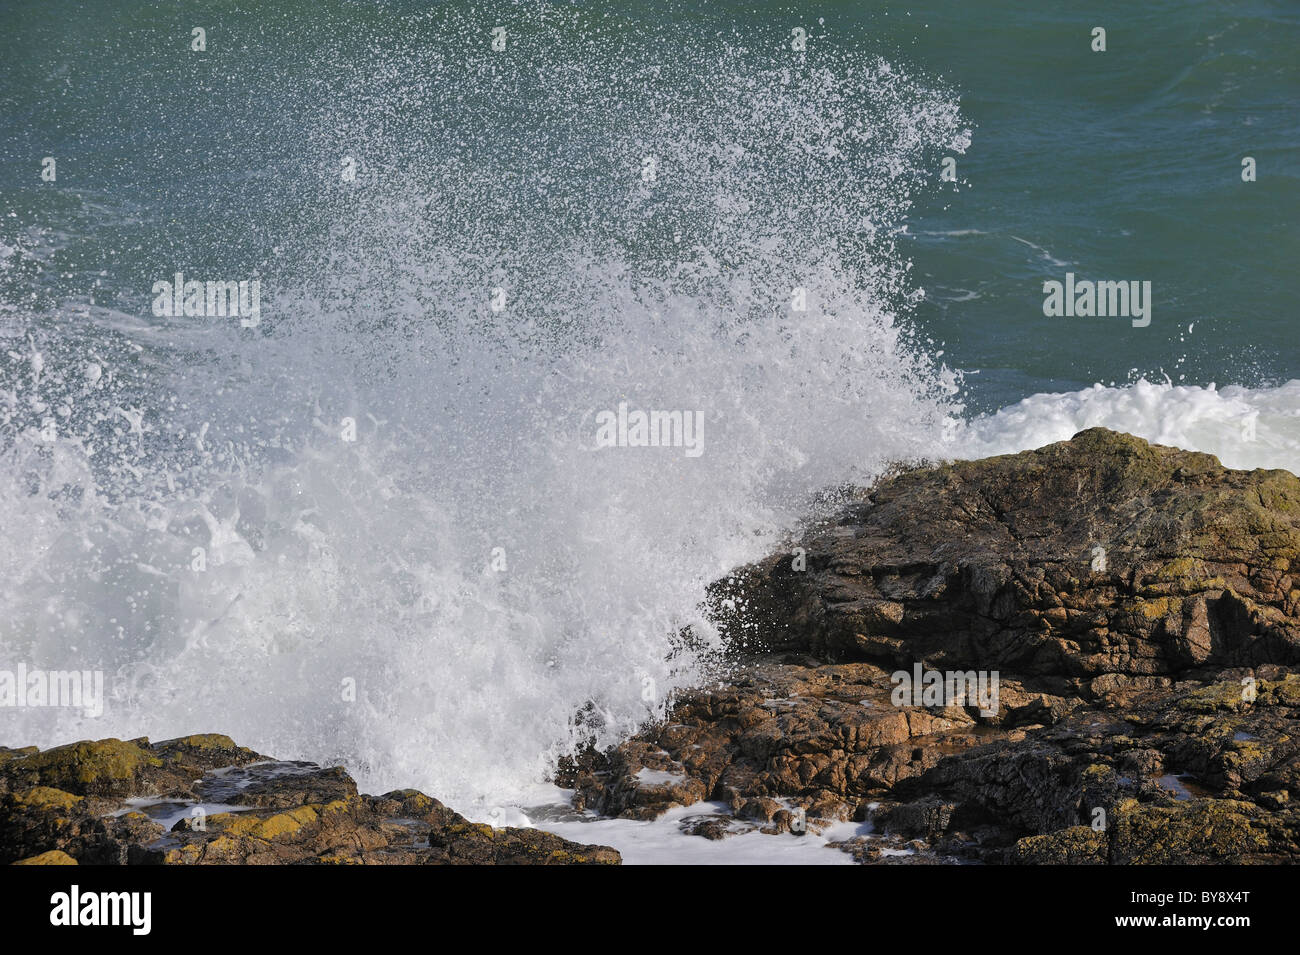 Waves crashing onto rocks along the Normandy coast, France - Stock Image